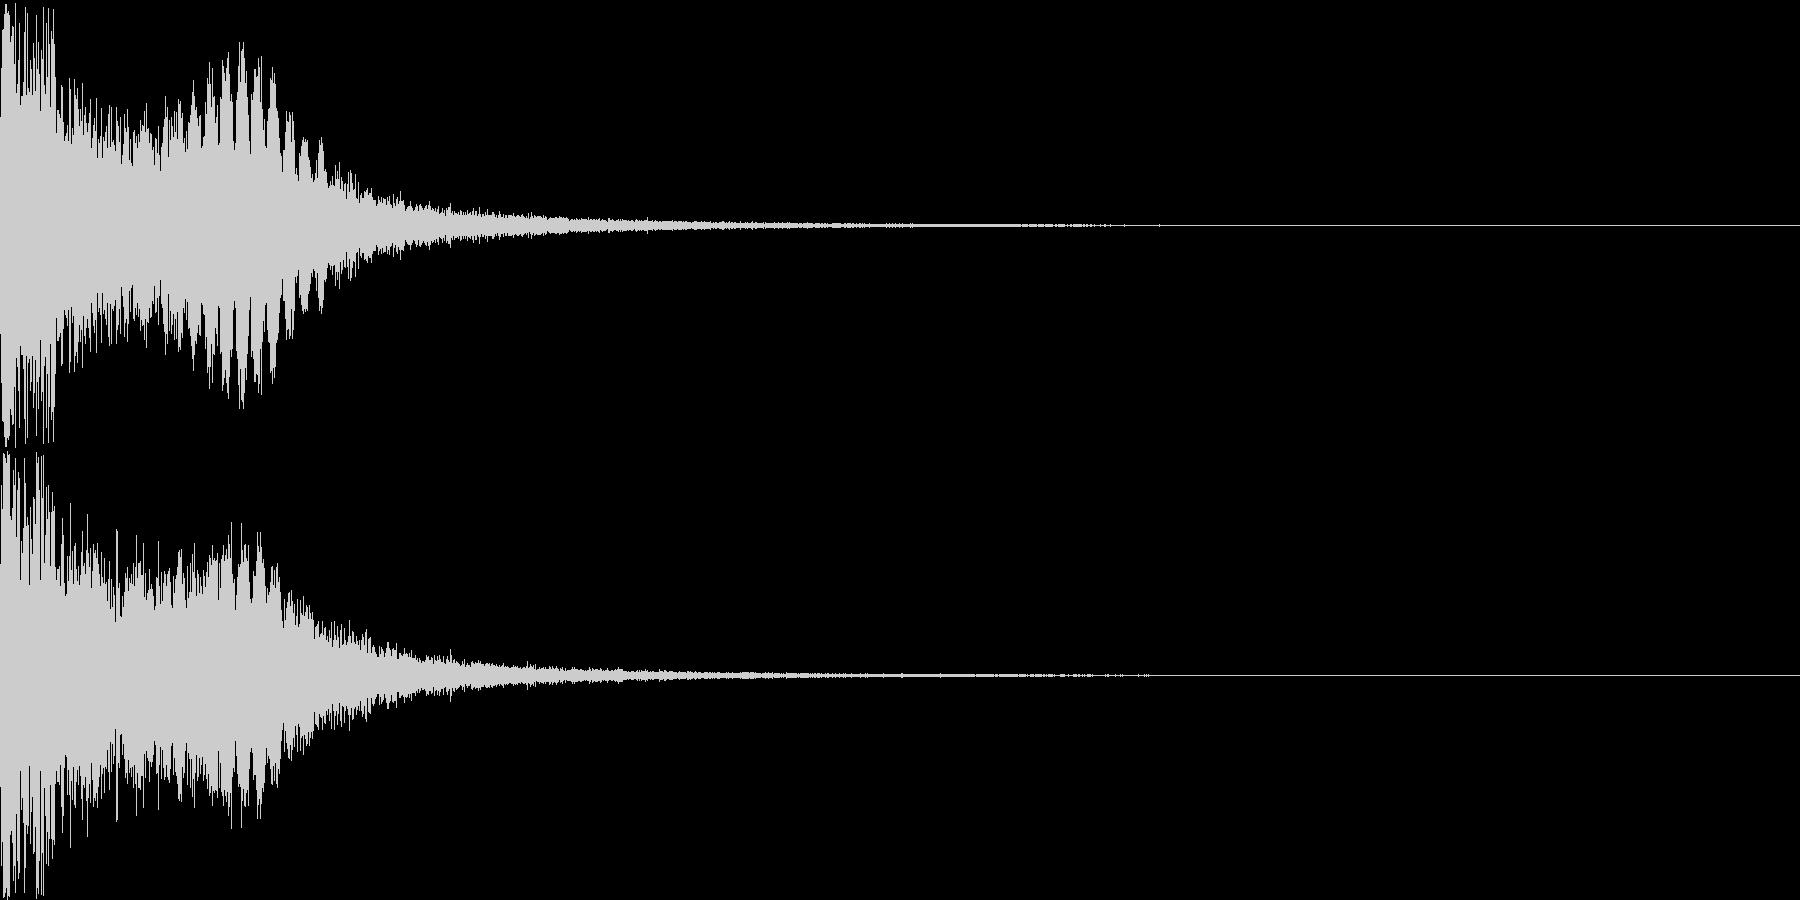 ロボット 合体 ガシーン キュイン 02の未再生の波形